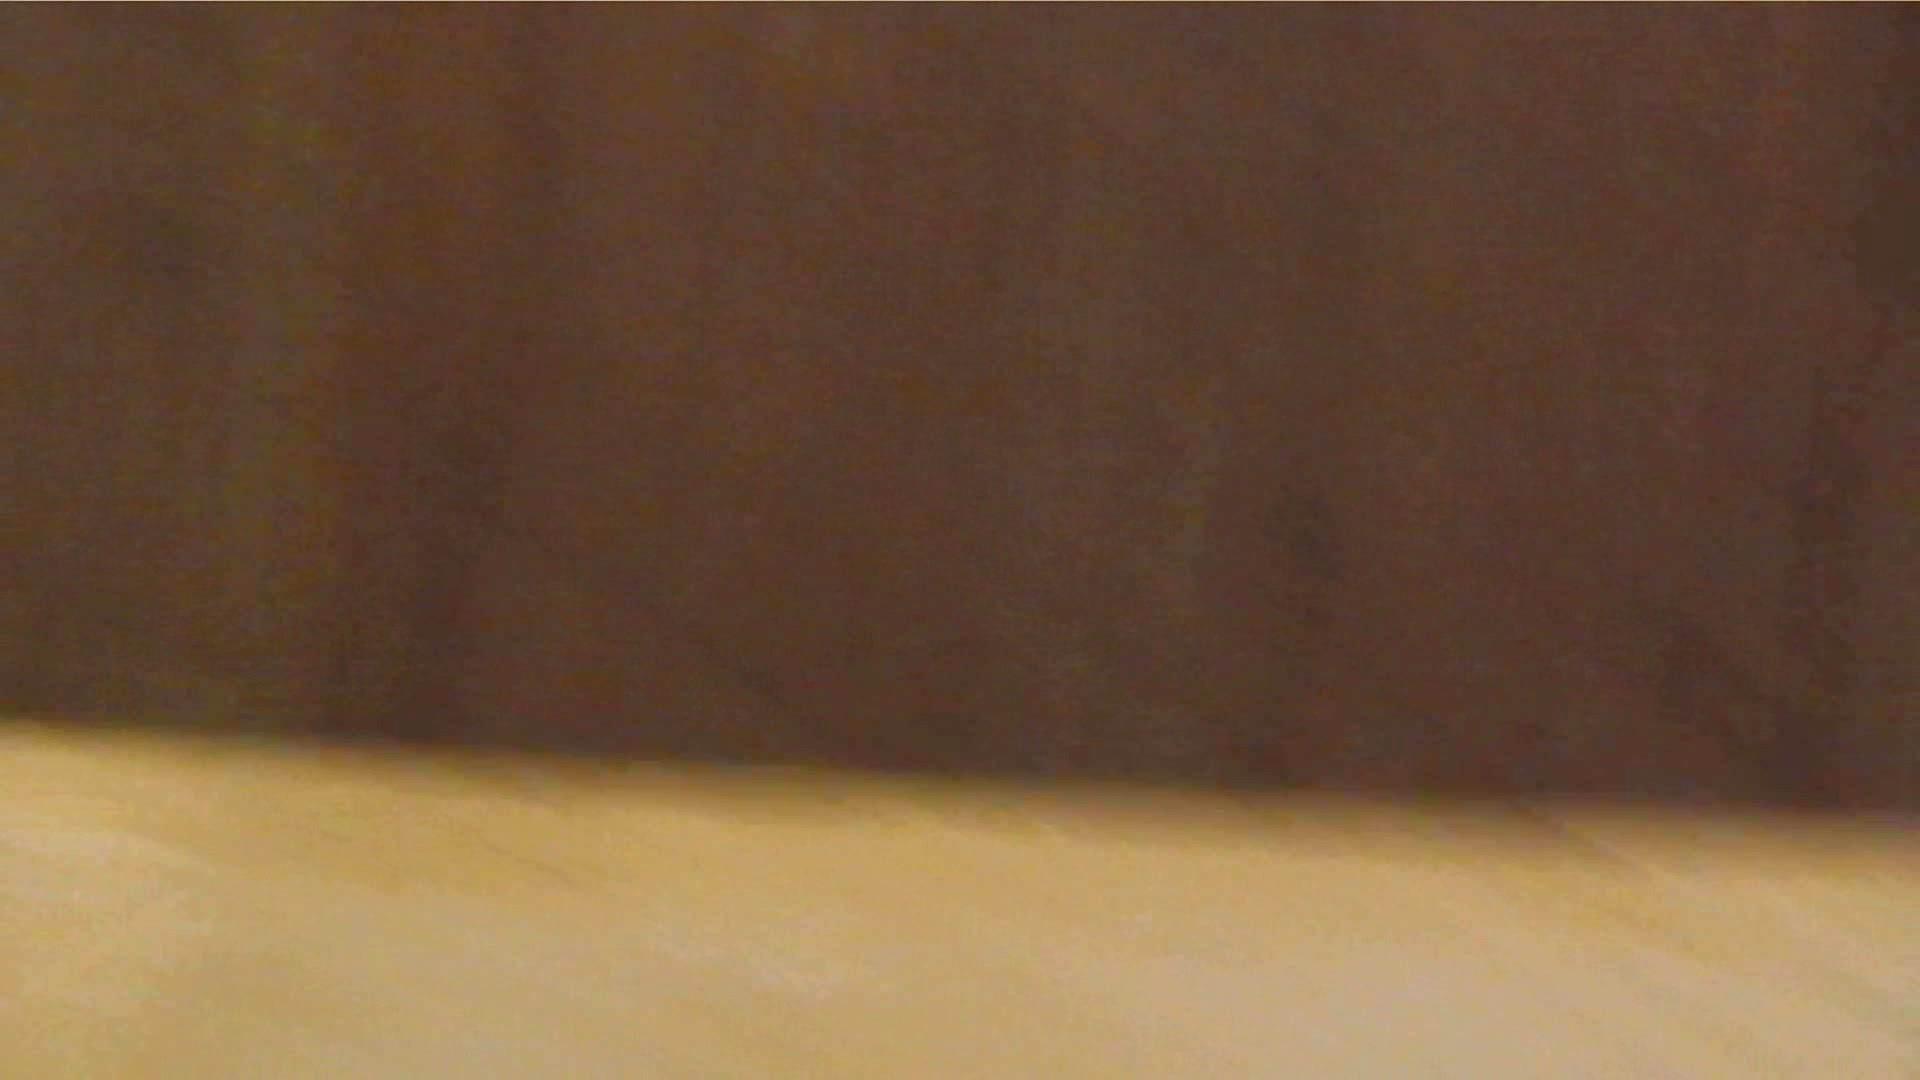 阿国ちゃんの「和式洋式七変化」No.1 洗面所  113pic 31